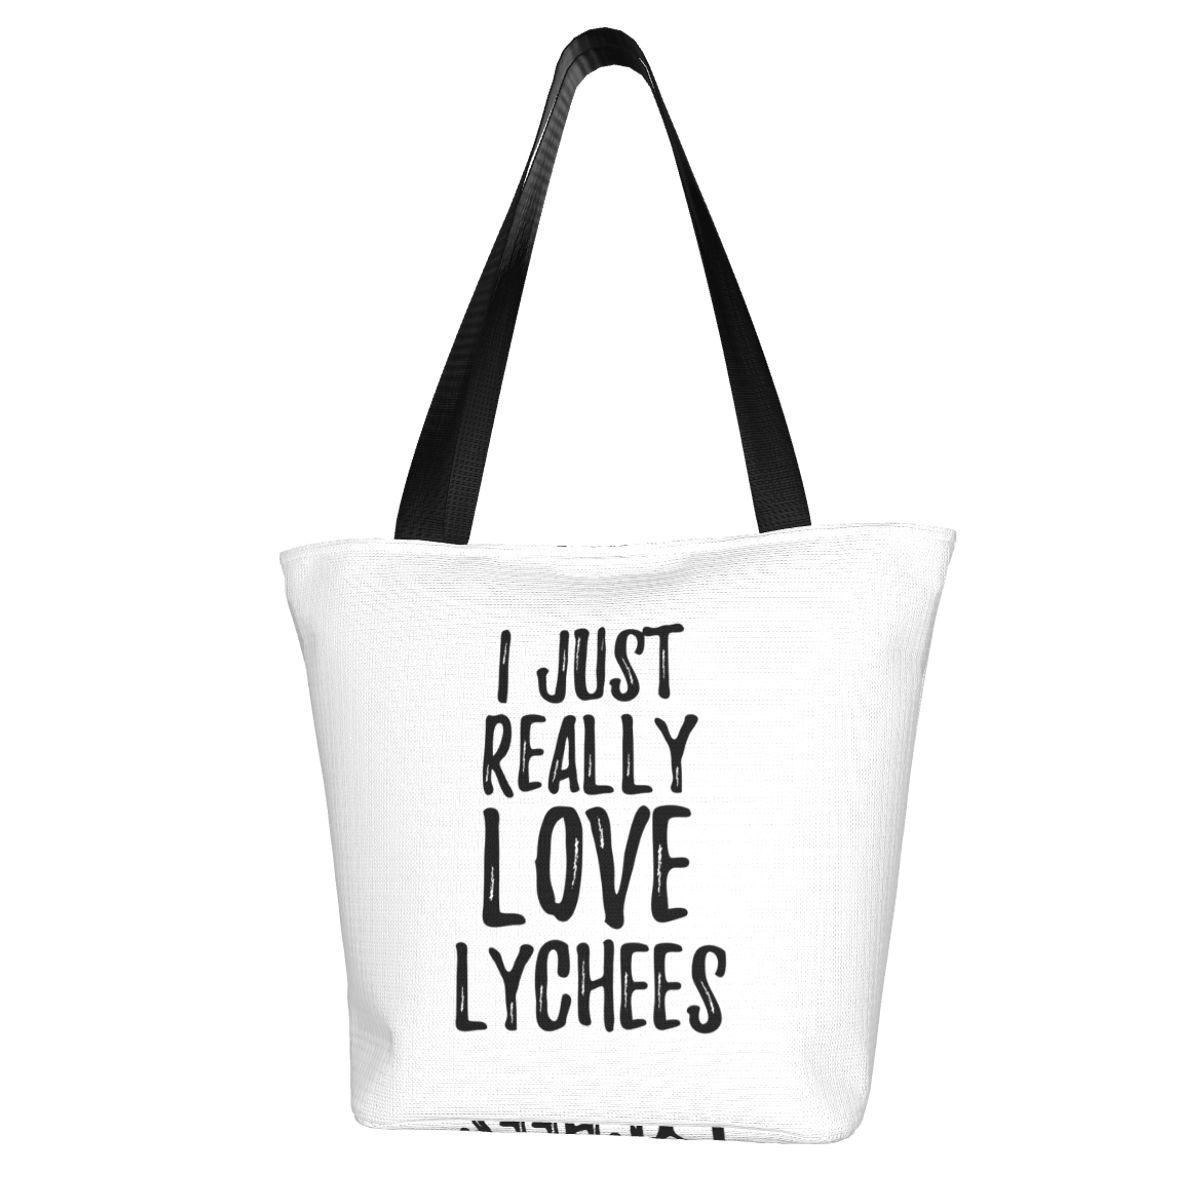 Личи хозяйственная Сумка школьная Студенческая сумка оптом ретро тканевые сумки